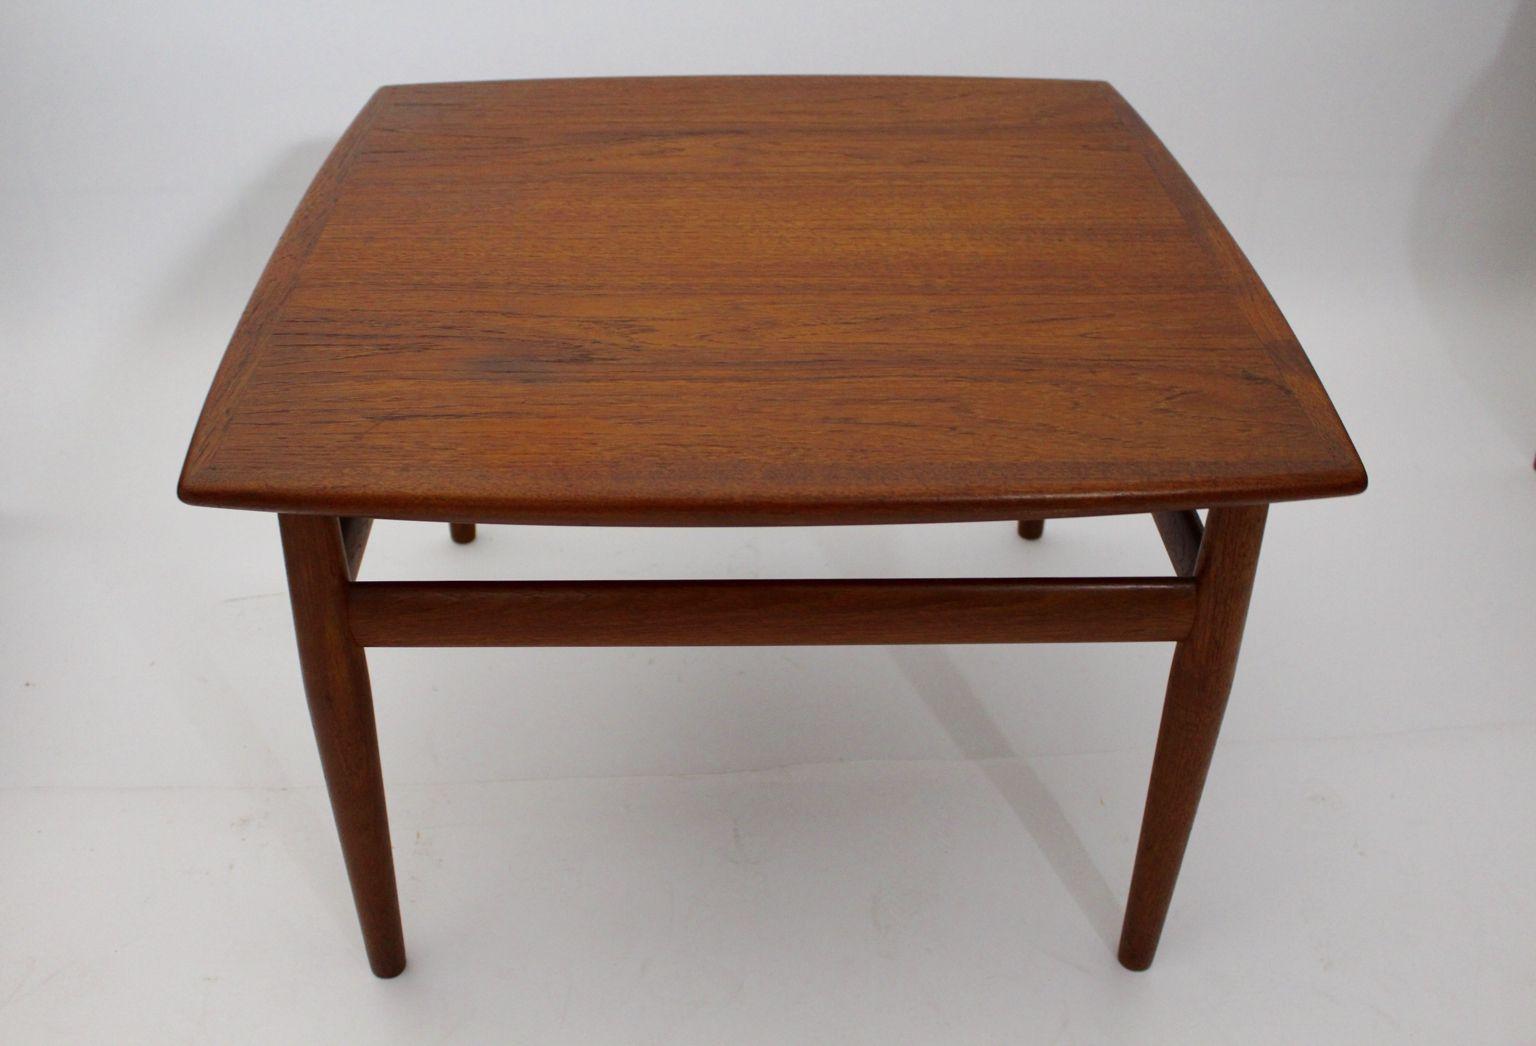 Table basse avec fauteuil integre for Table basse avec pouf